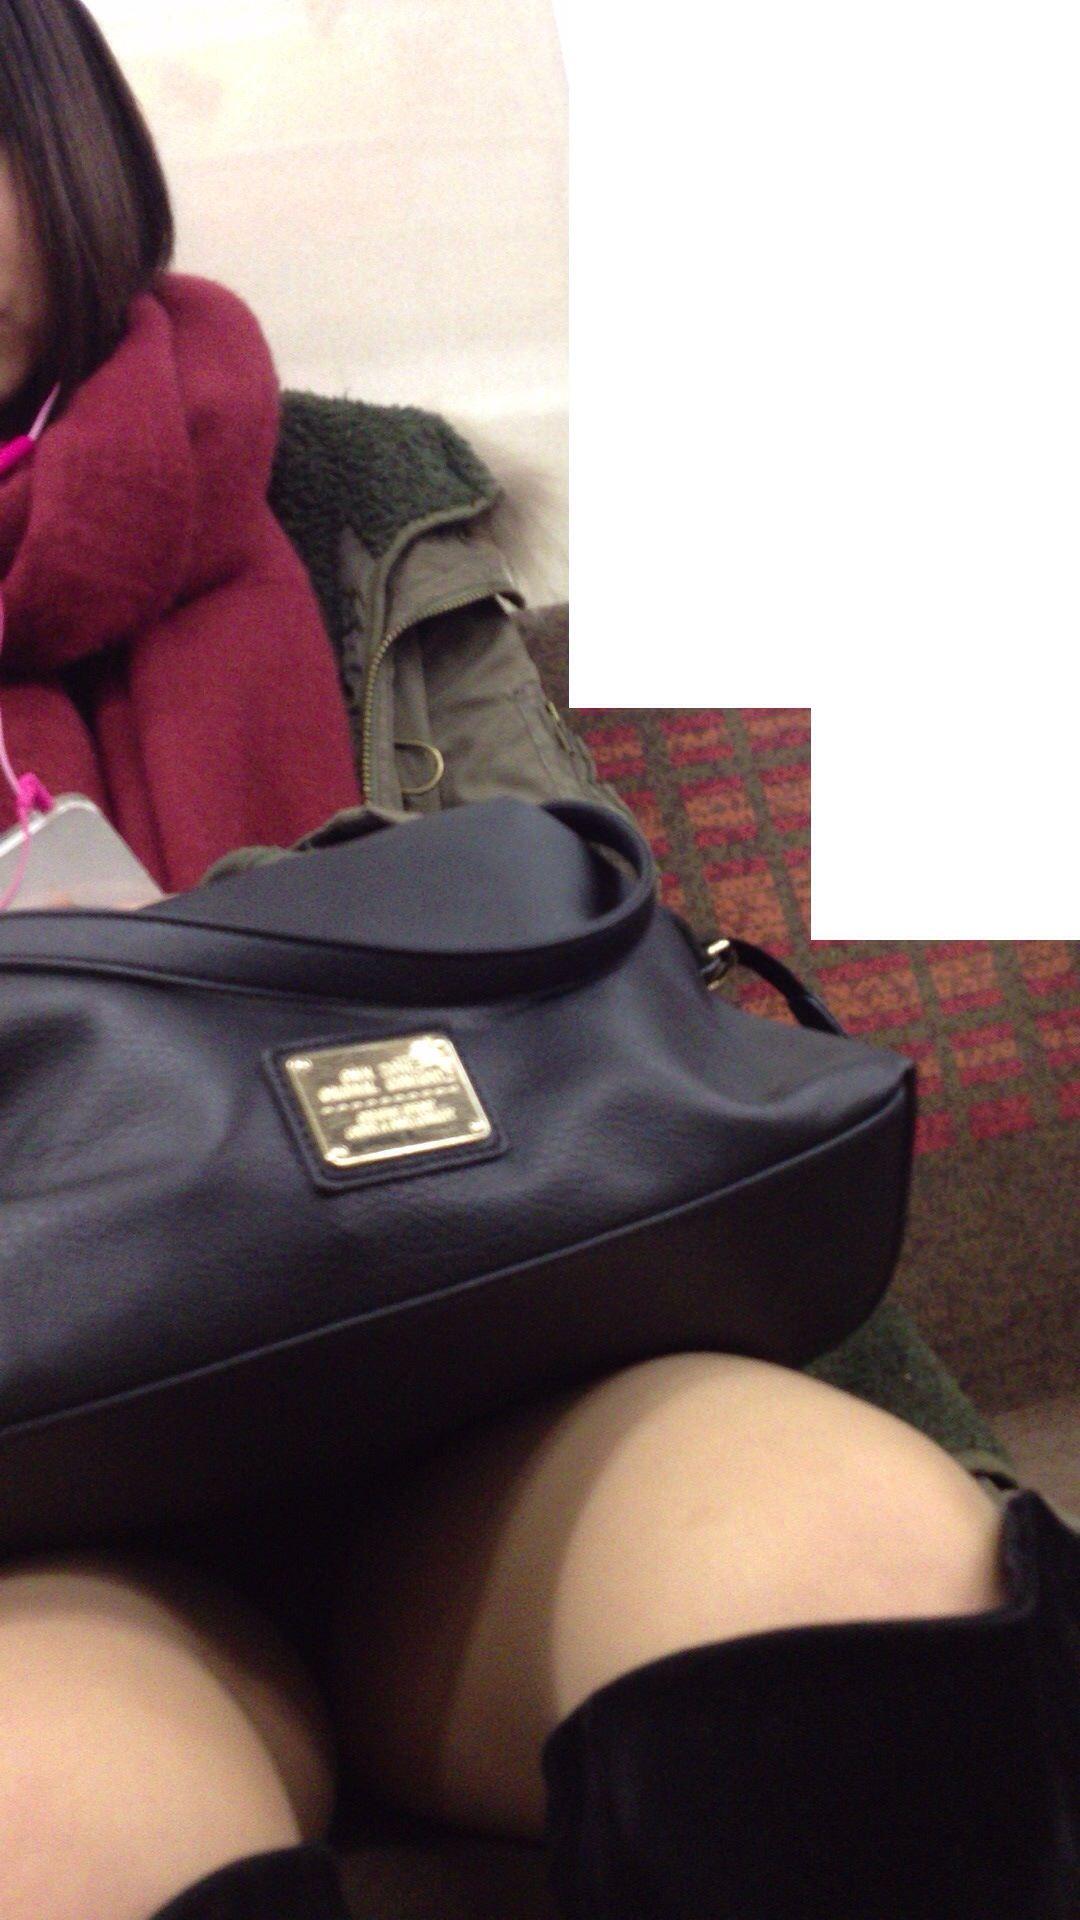 電車のイスに座るお姉さんの生足ゲットwwwプリプリの太ももがエロいwww 2152